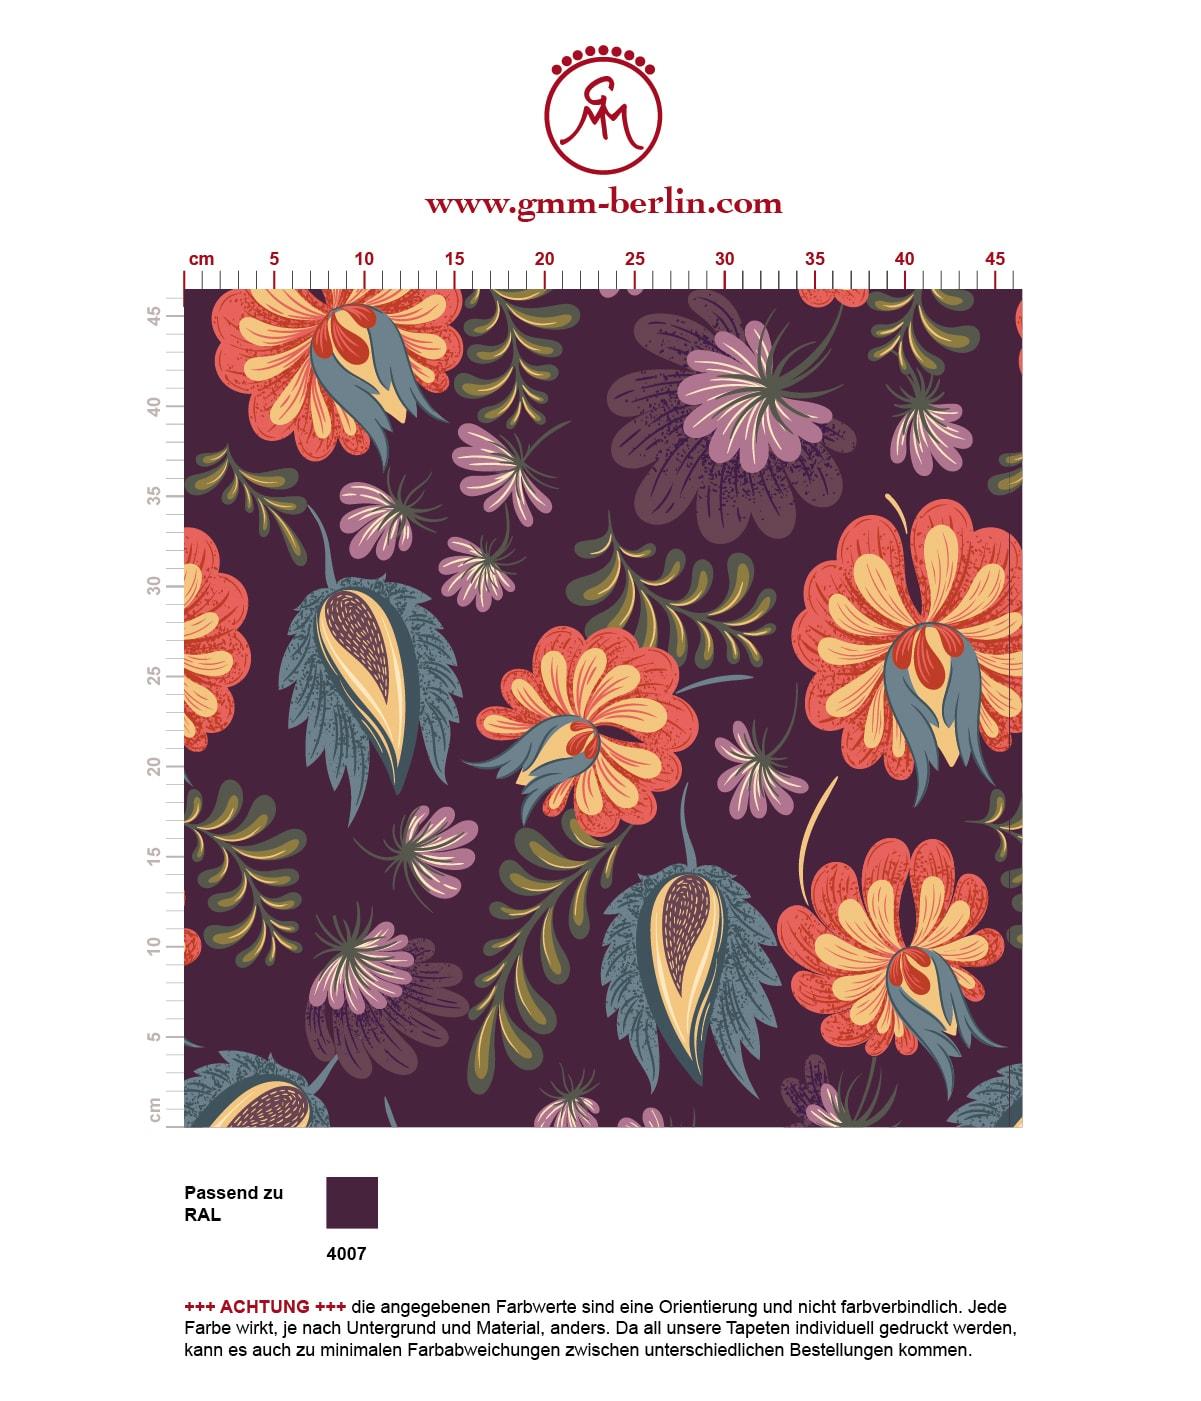 Schöne Tapete mit großen Blüten auf lila violett angepasst an RAL Wandfarbe. Aus dem GMM-BERLIN.com Sortiment: Schöne Tapeten in der Farbe: violett